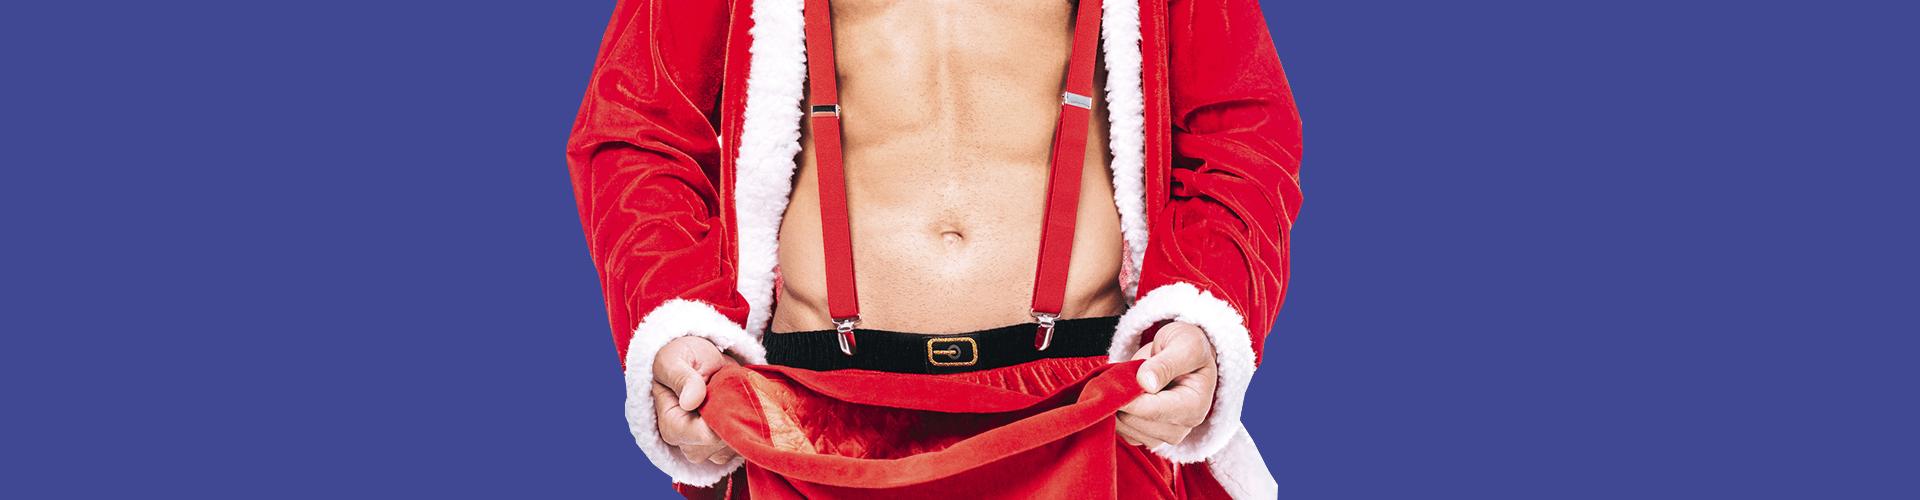 Сколько за ночь зарабатывает Дед Мороз по вызову